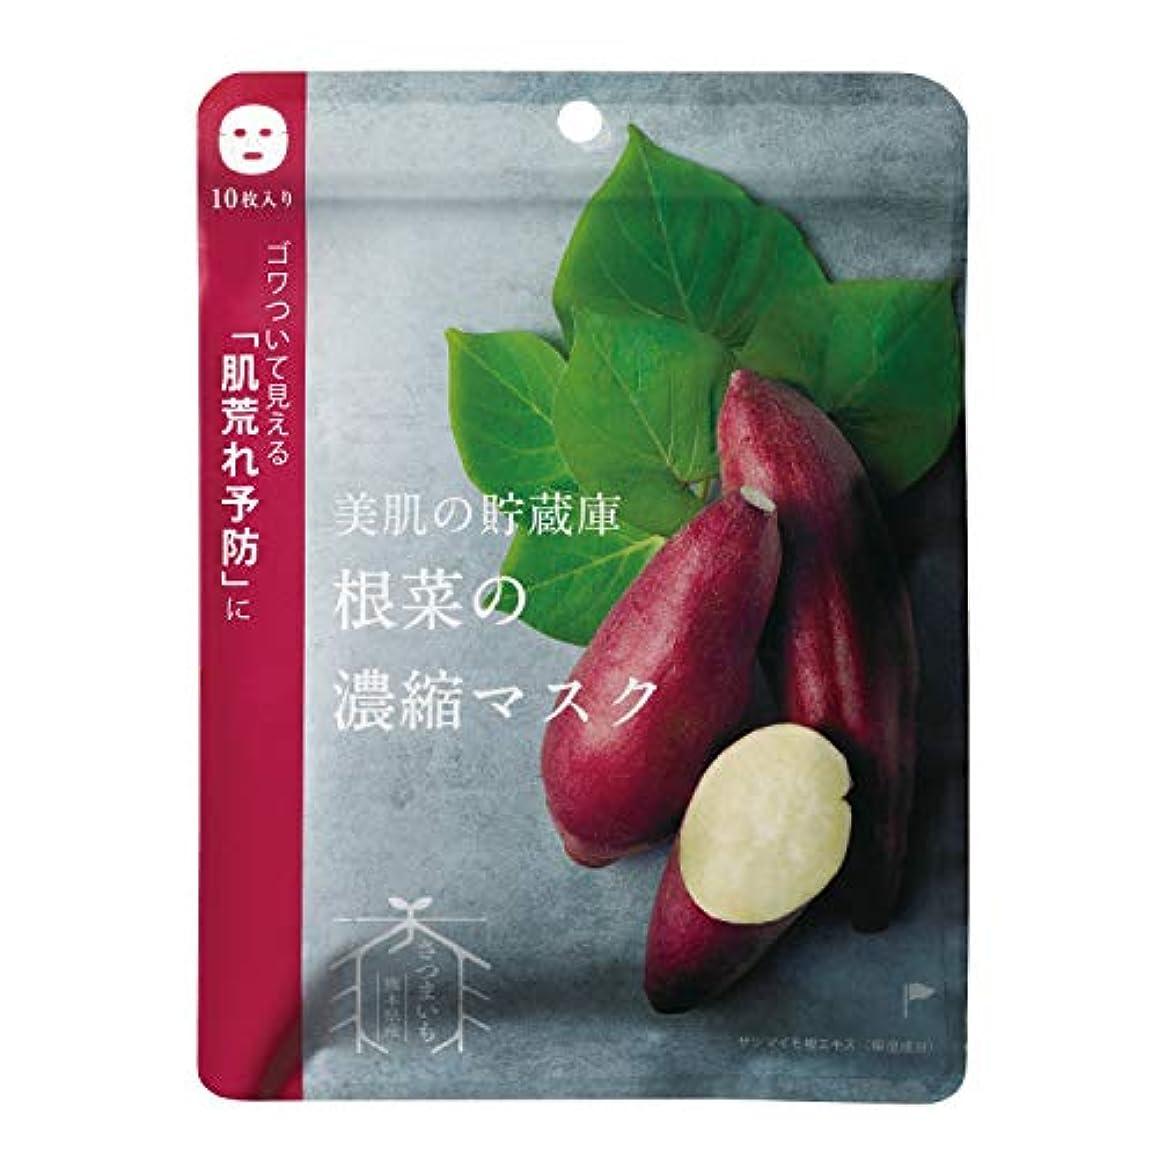 自分の特徴づける安全@cosme nippon 美肌の貯蔵庫 根菜の濃縮マスク 安納いも 10枚 160ml